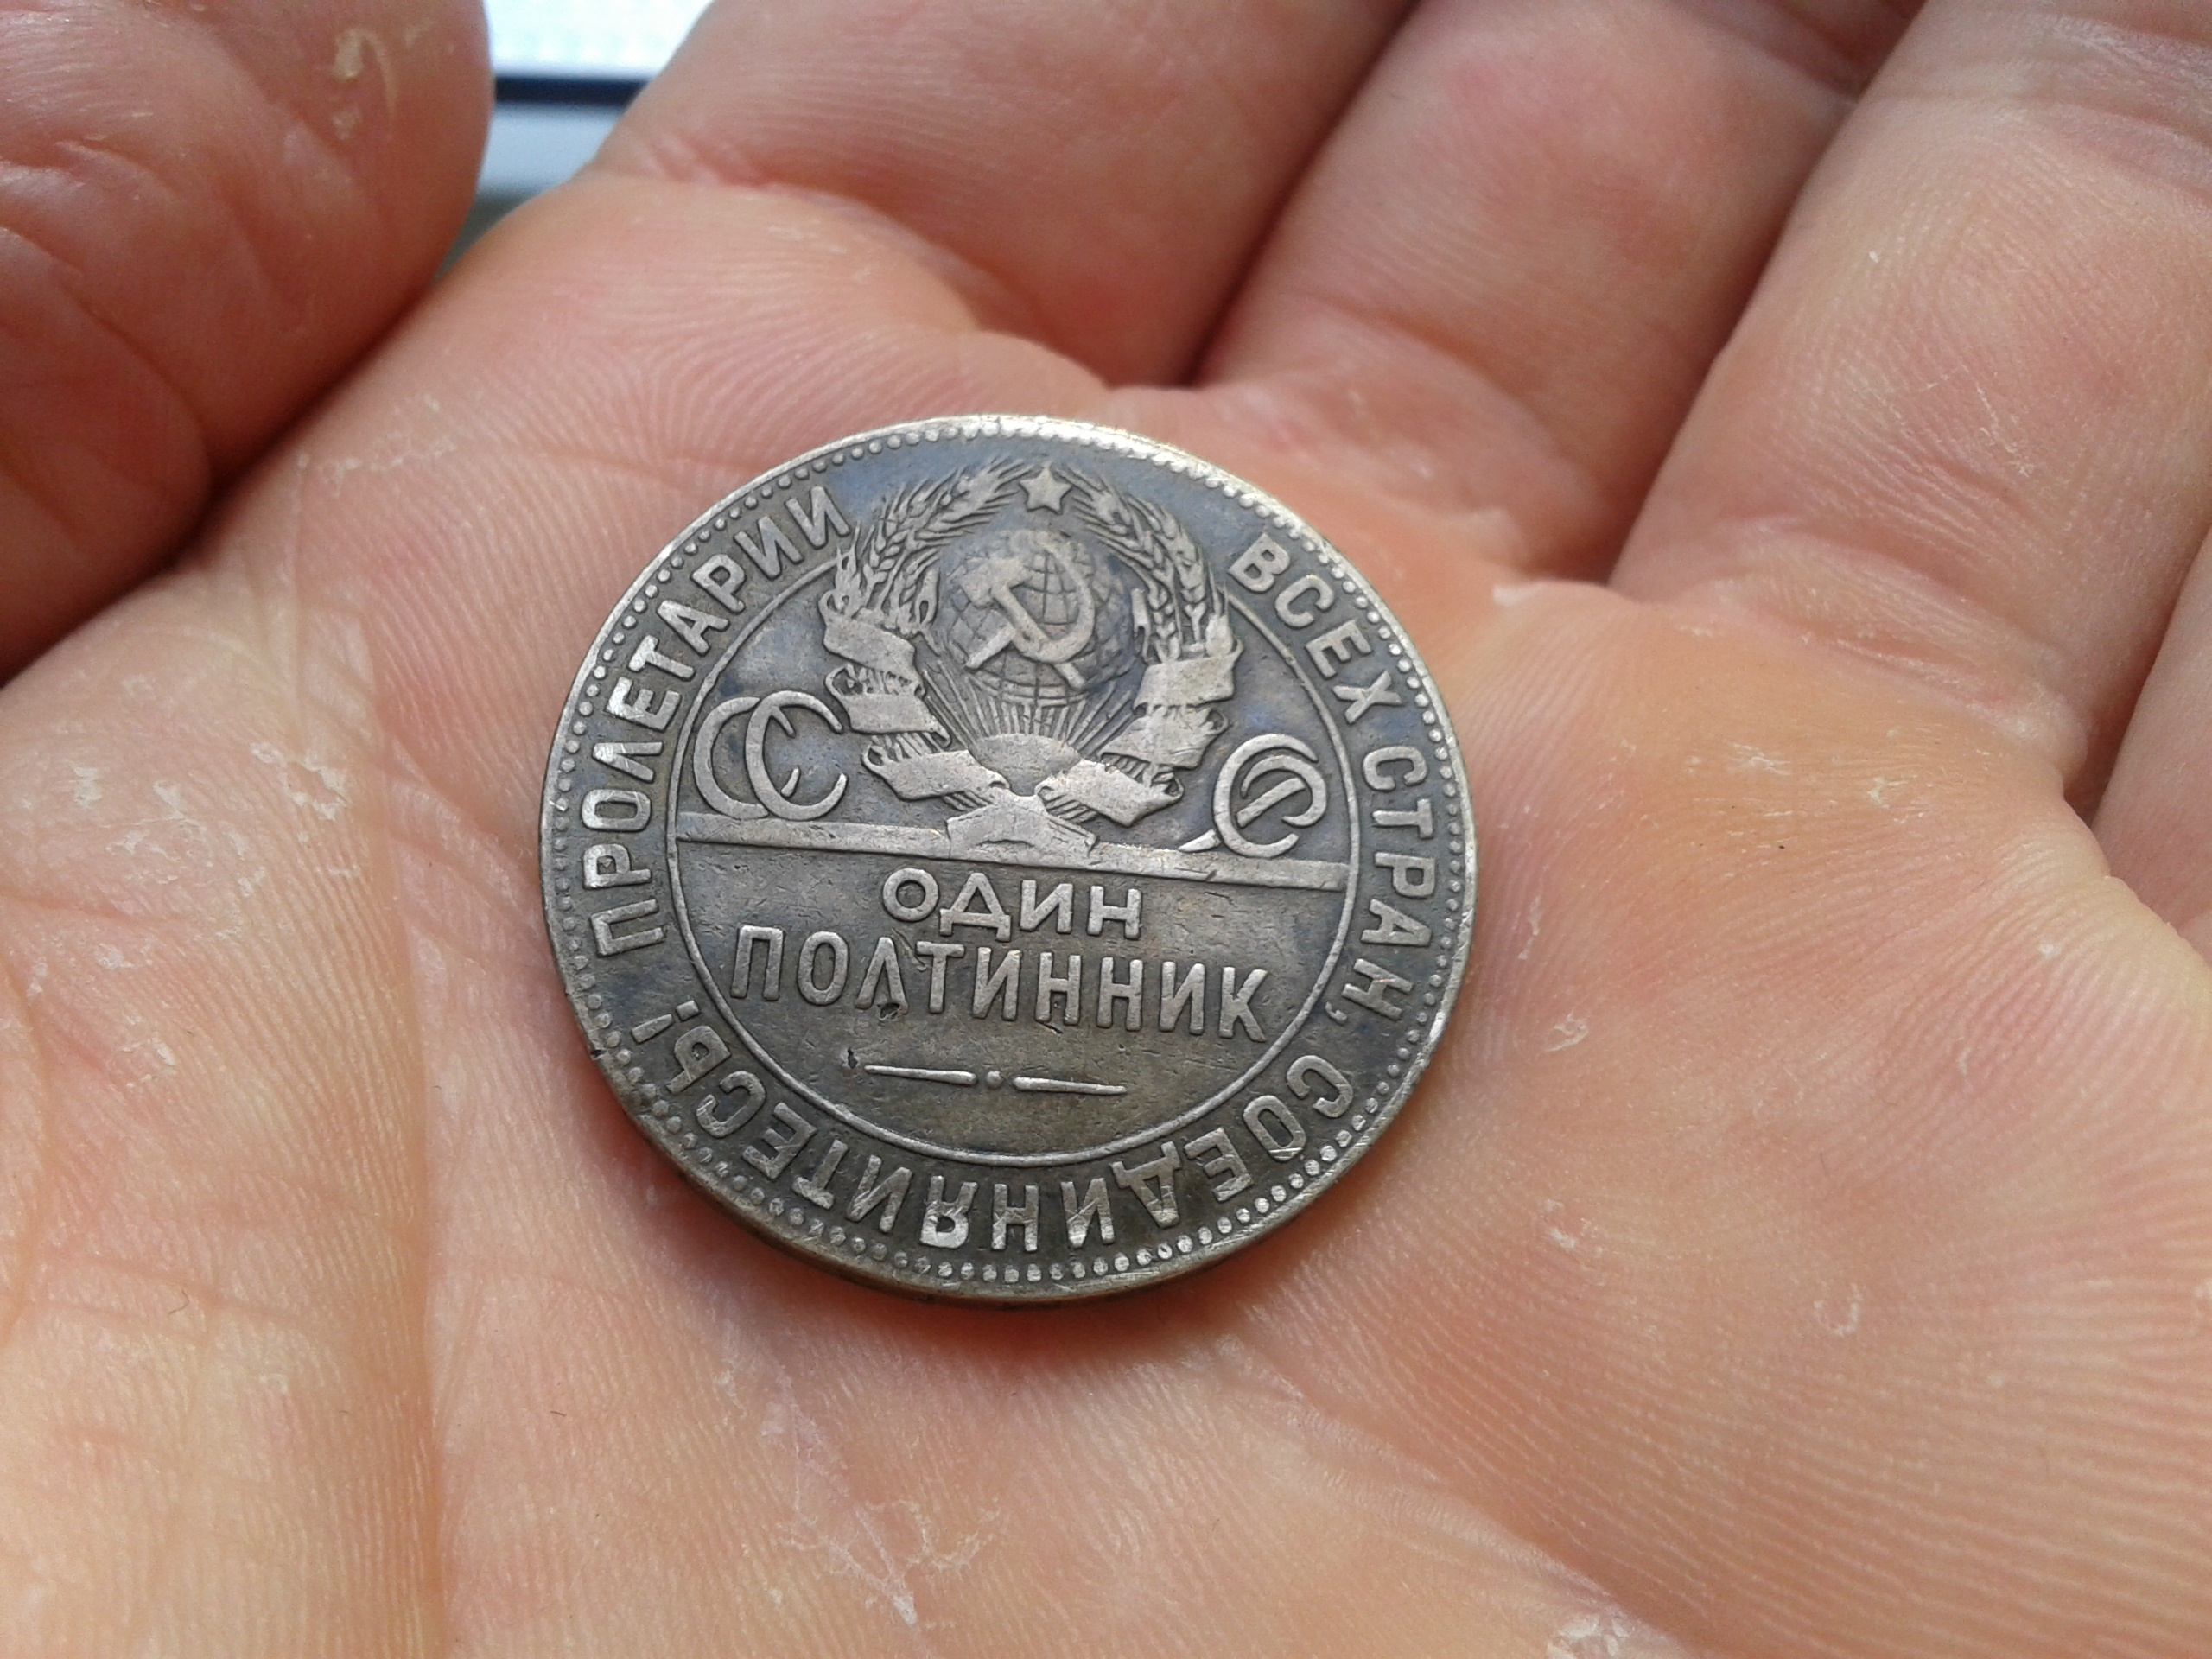 Серебряные полтинники 1924 г цена значок влксм купить